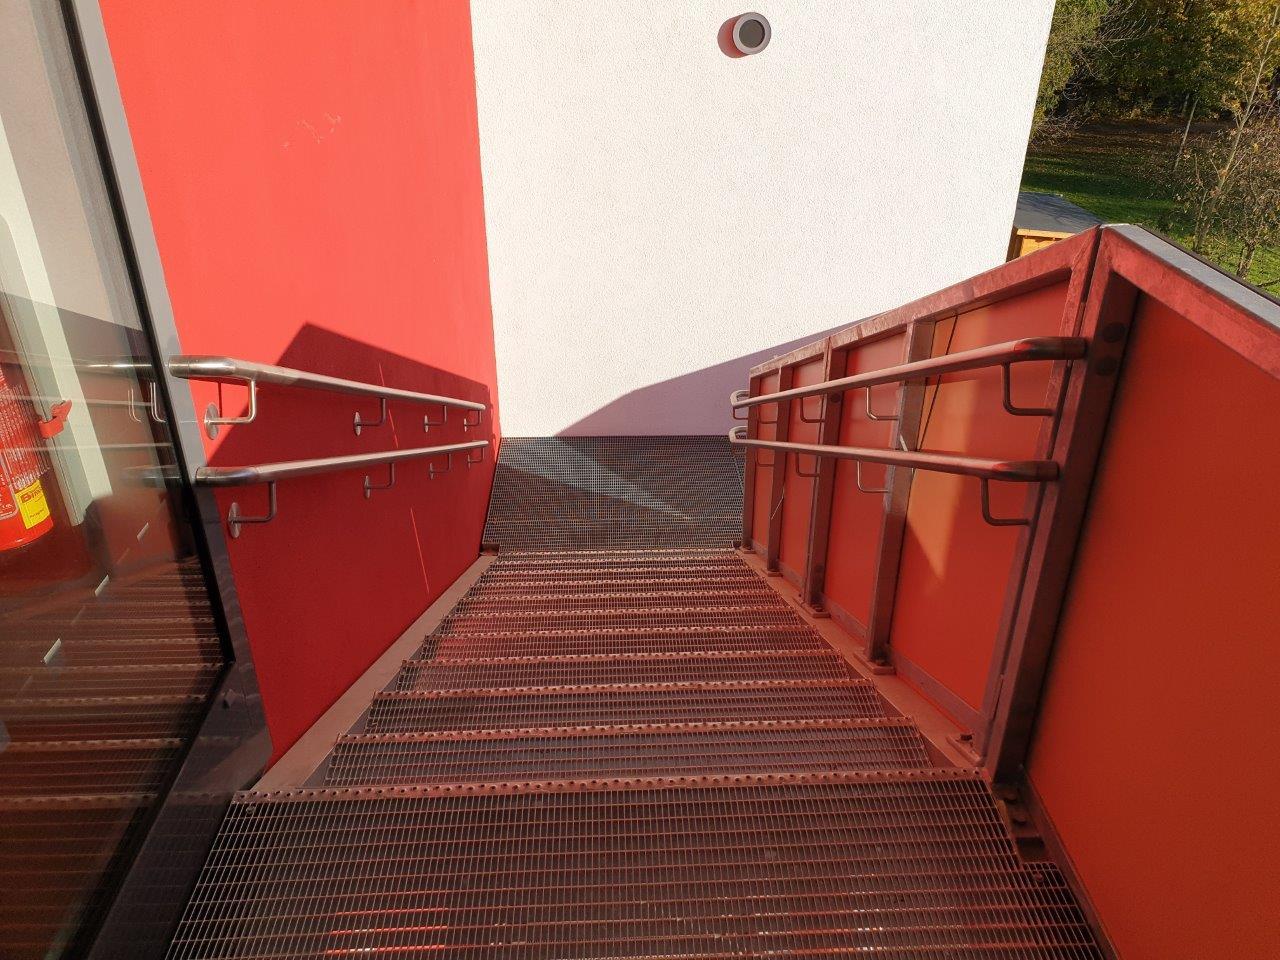 Geländer mit Handlauf der Außentreppe, 2. OG